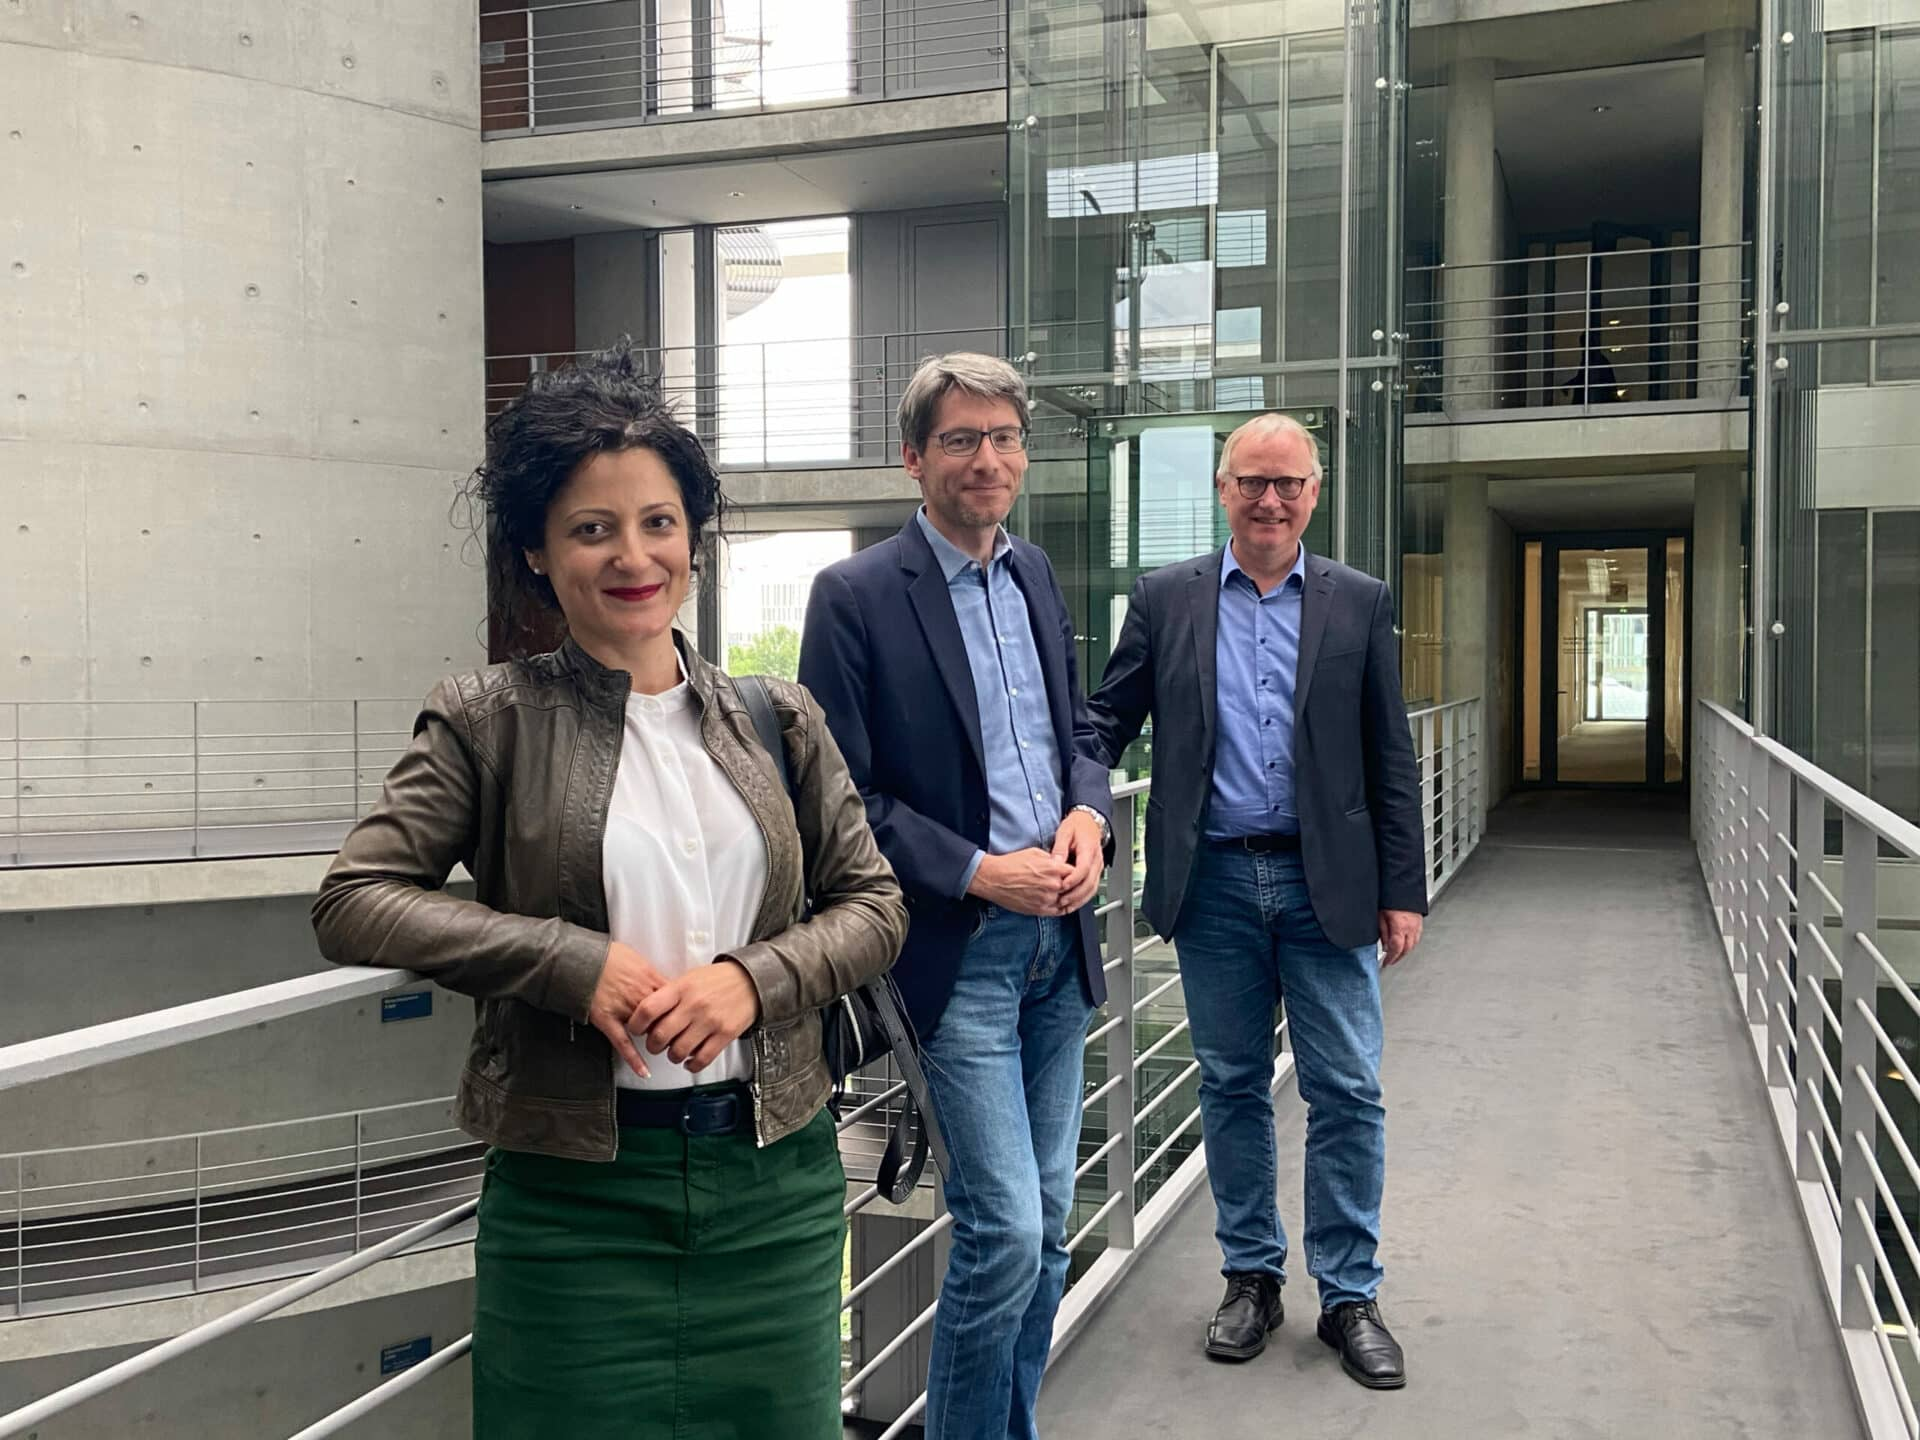 Cansel Kiziltepe (v. l. n. r.), Swen Schulz & Klaus Mindrup